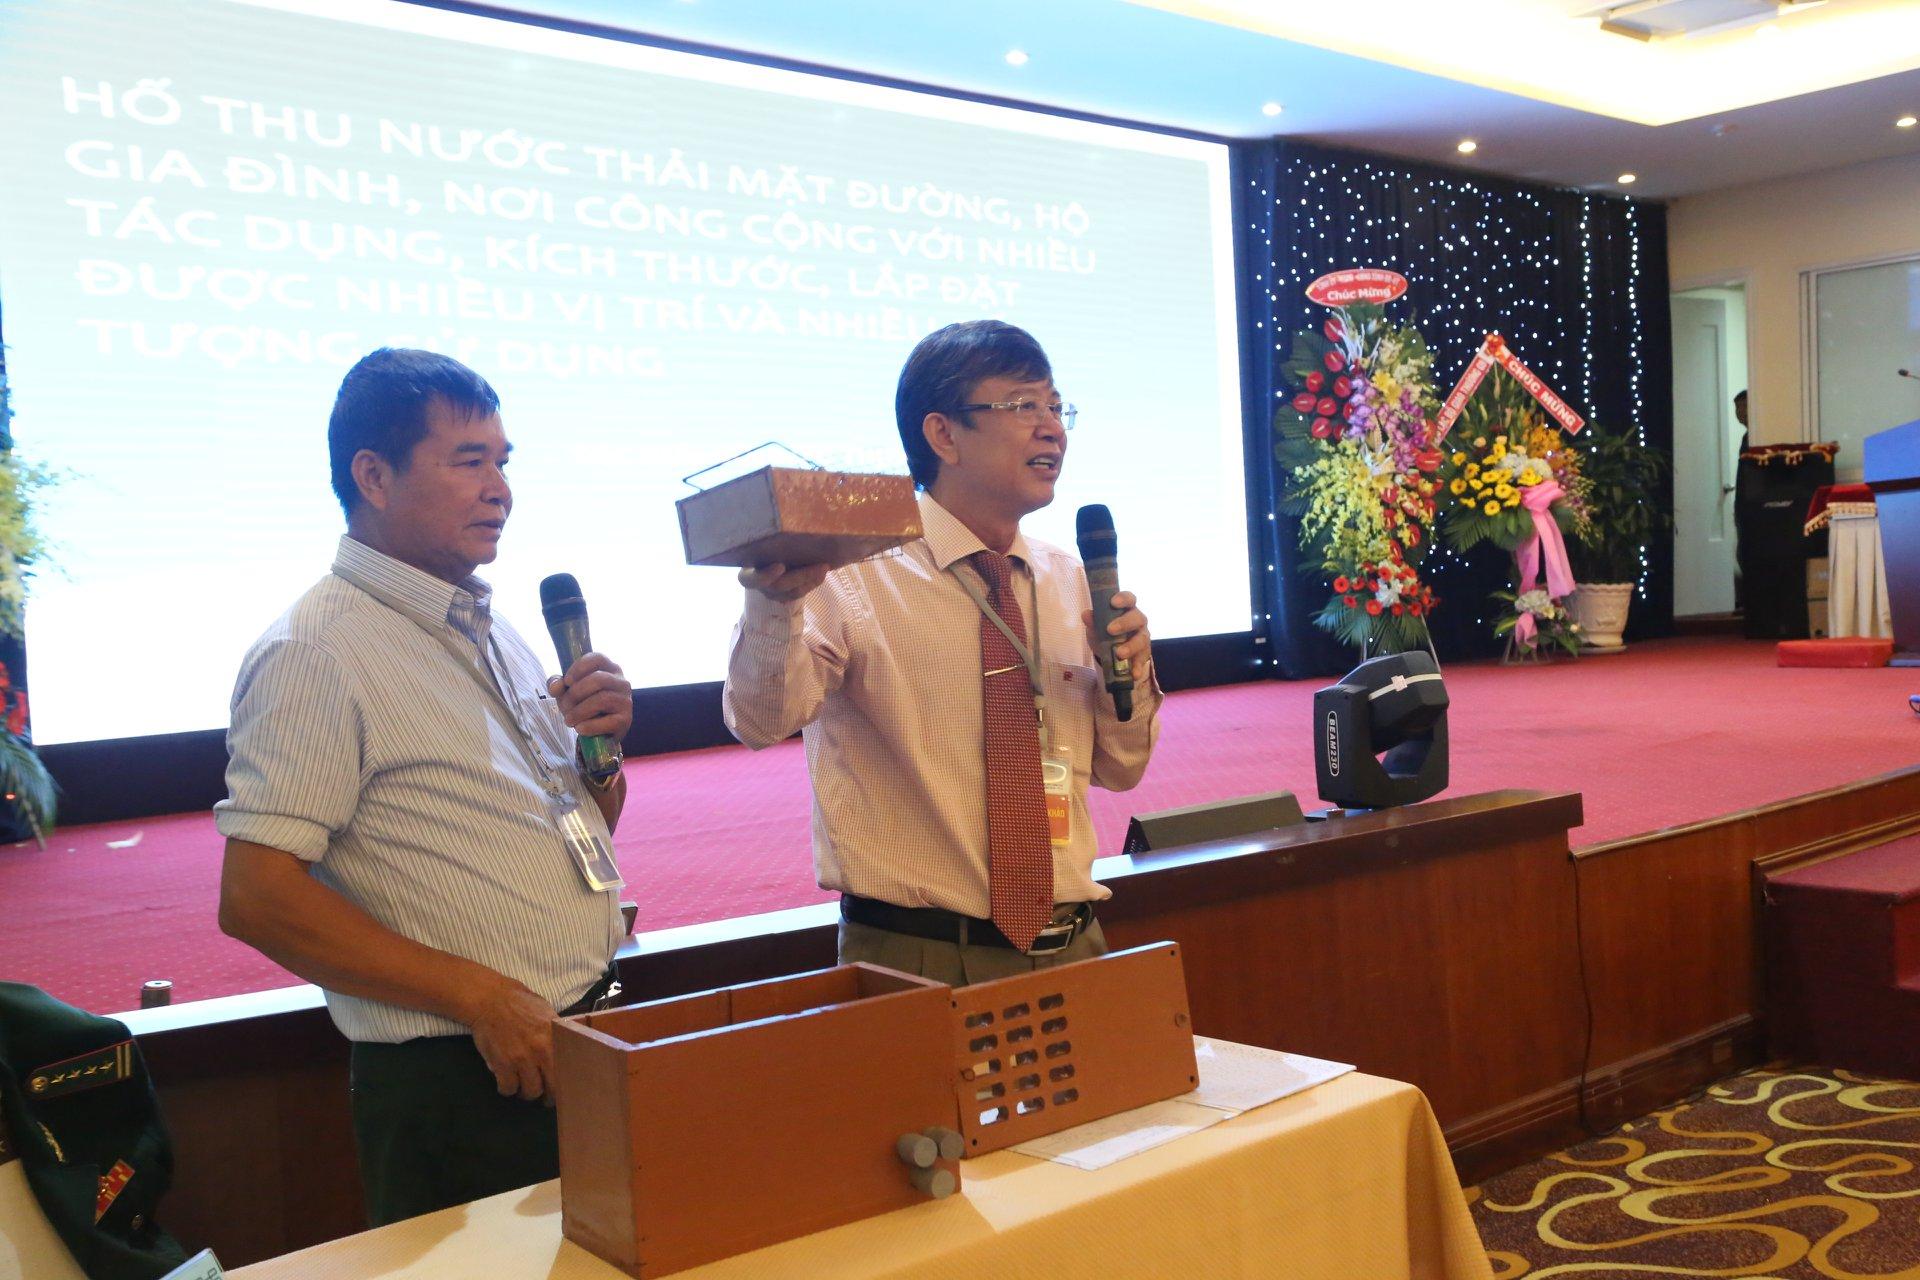 Ông Mai Thanh Quang, giám đốc sở KH&CN Bà Rịa - Vũng Tàu (phải) giúp đại tá về hưu Bùi Đức Thịnh trong phần thi của mình. Ảnh: BTC